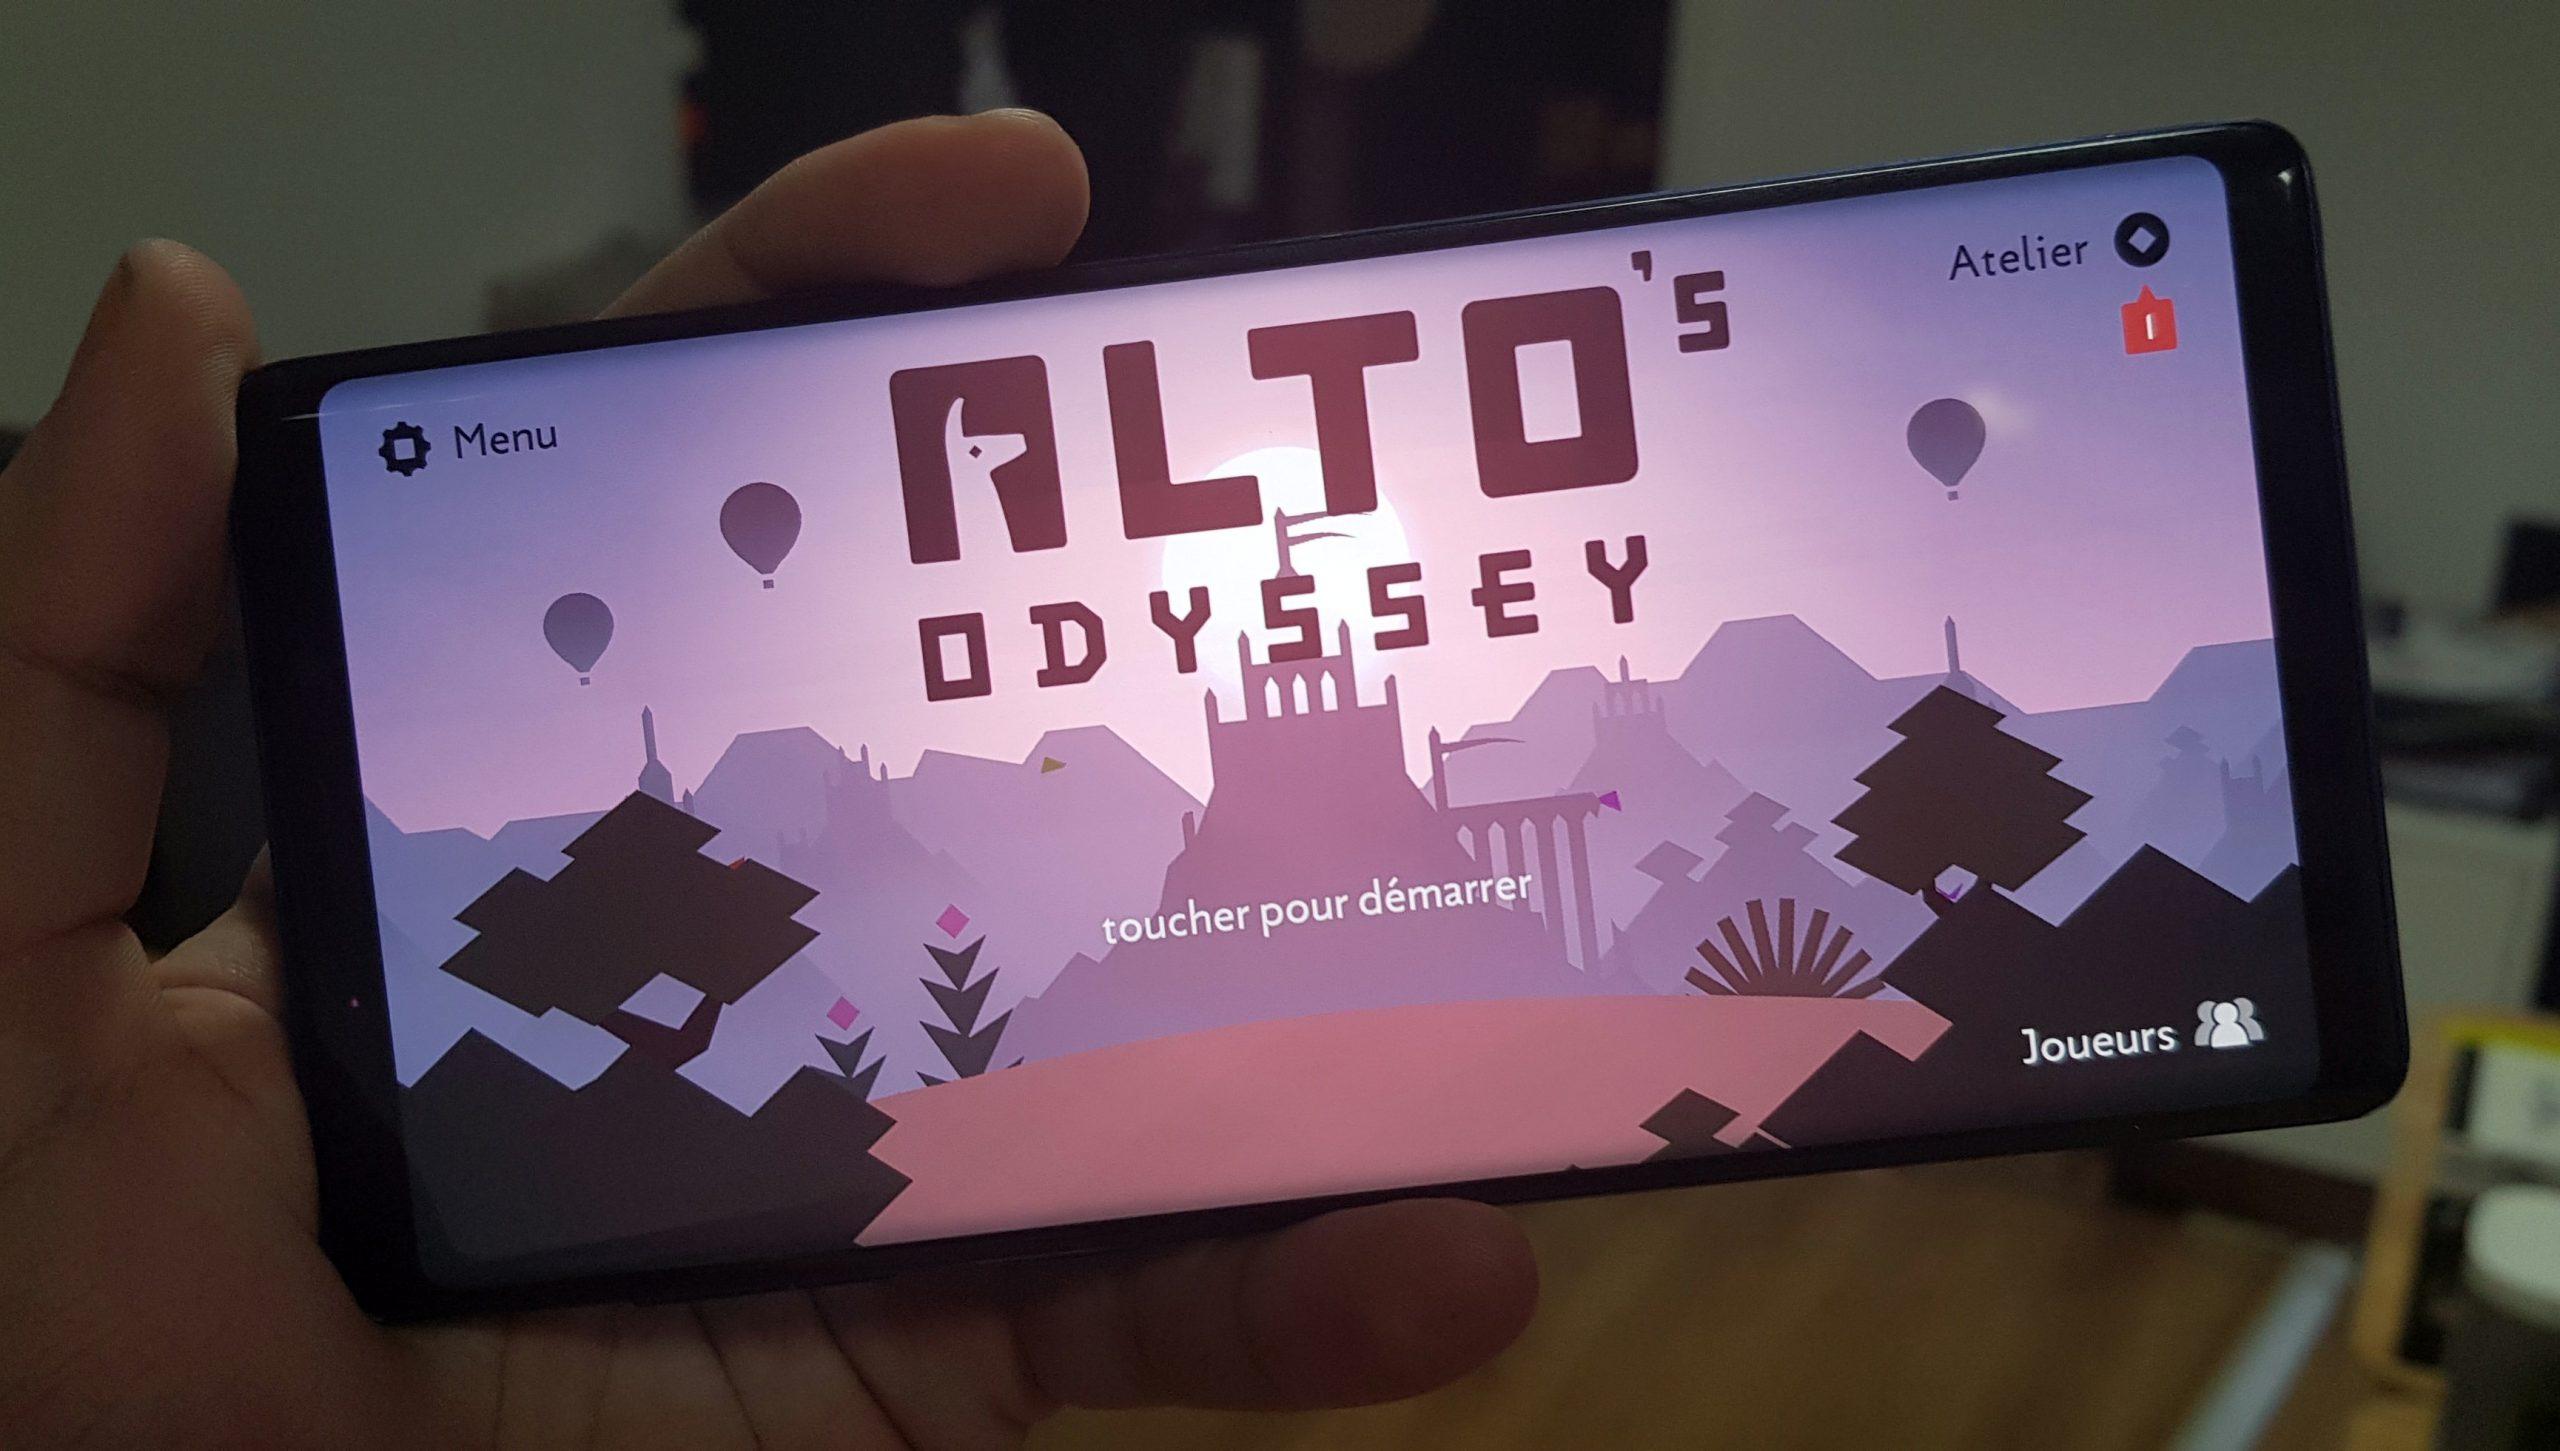 Les Meilleurs Jeux Sans Connexion Sur Android Et Ios En 2020 dedans Jeux Gratuit Facile Pour Garcon